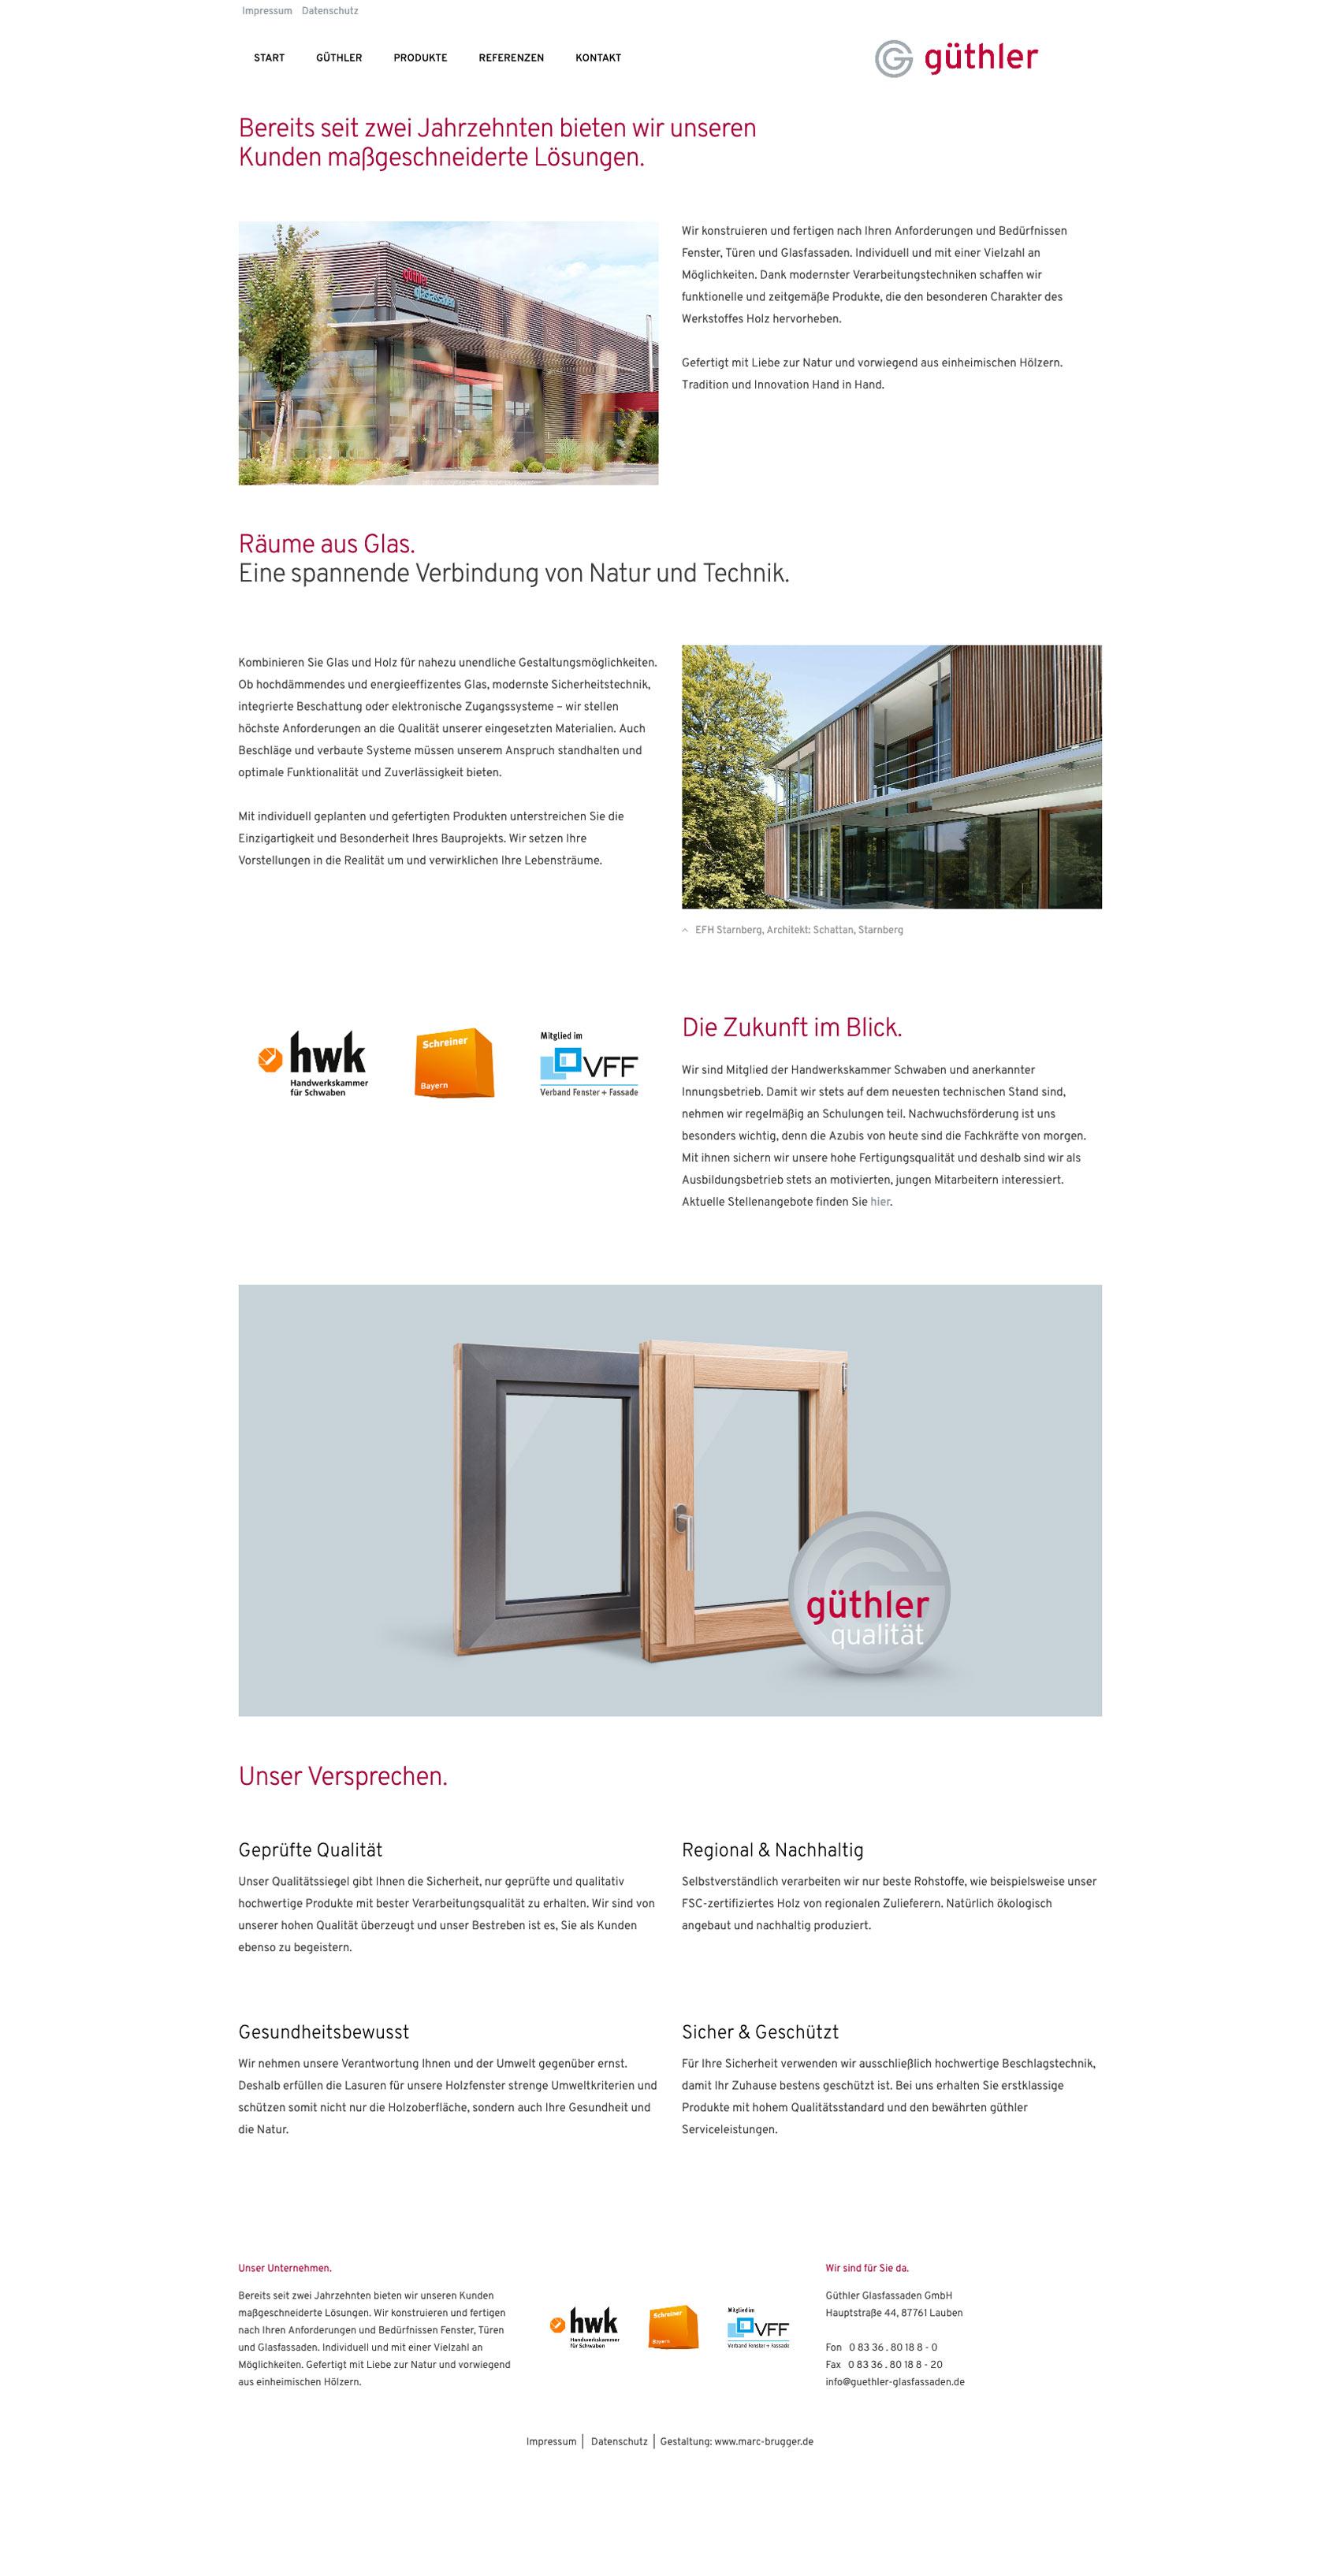 Internetseite und Online-Auftritt mit Eindrücken zum Unternehmen Güthler Glasfassaden GmbH